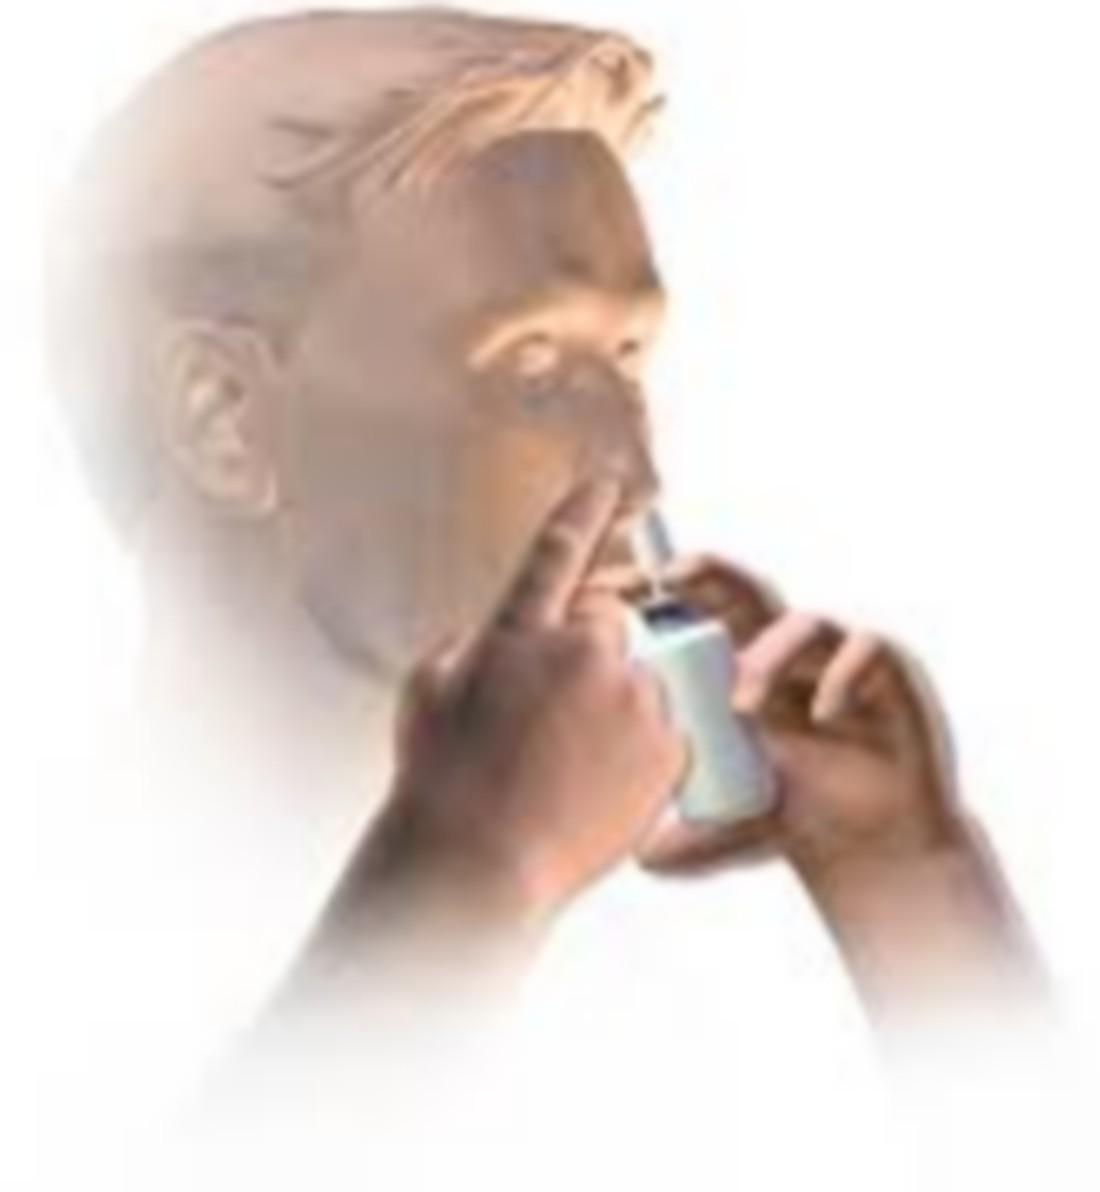 nieuwe vergoeding voor neusspray